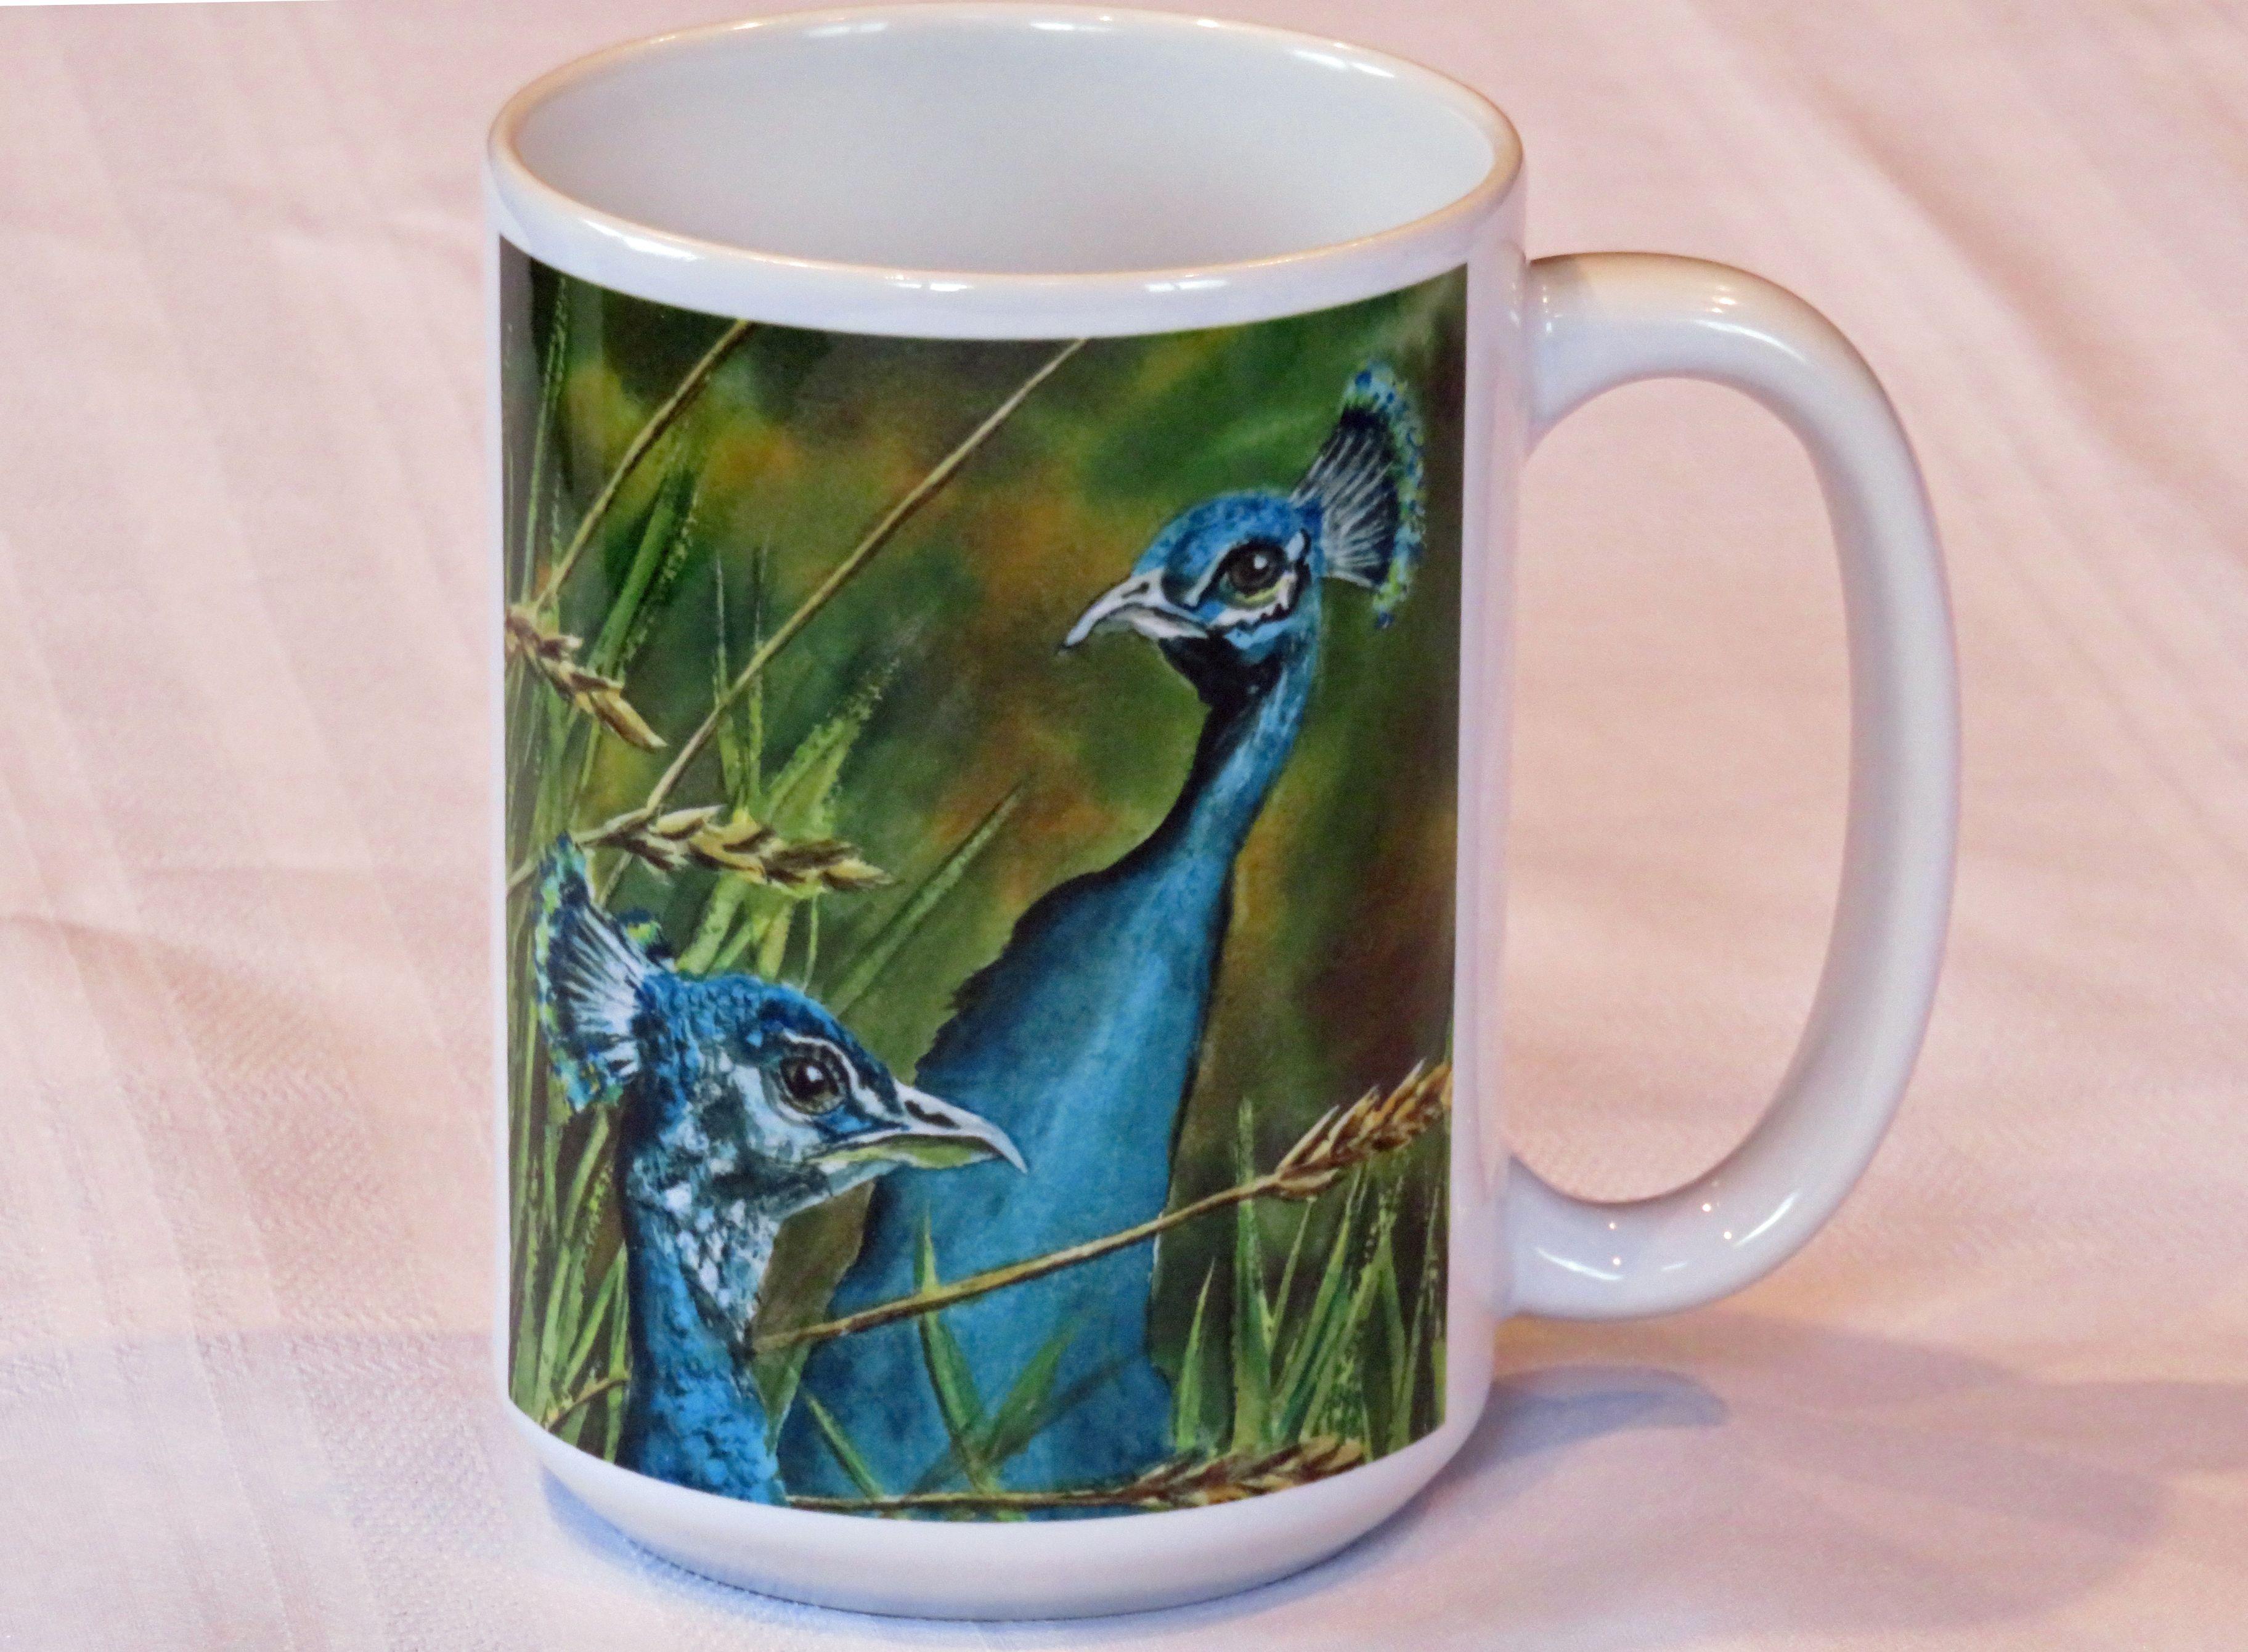 Mug - Royal Splendor